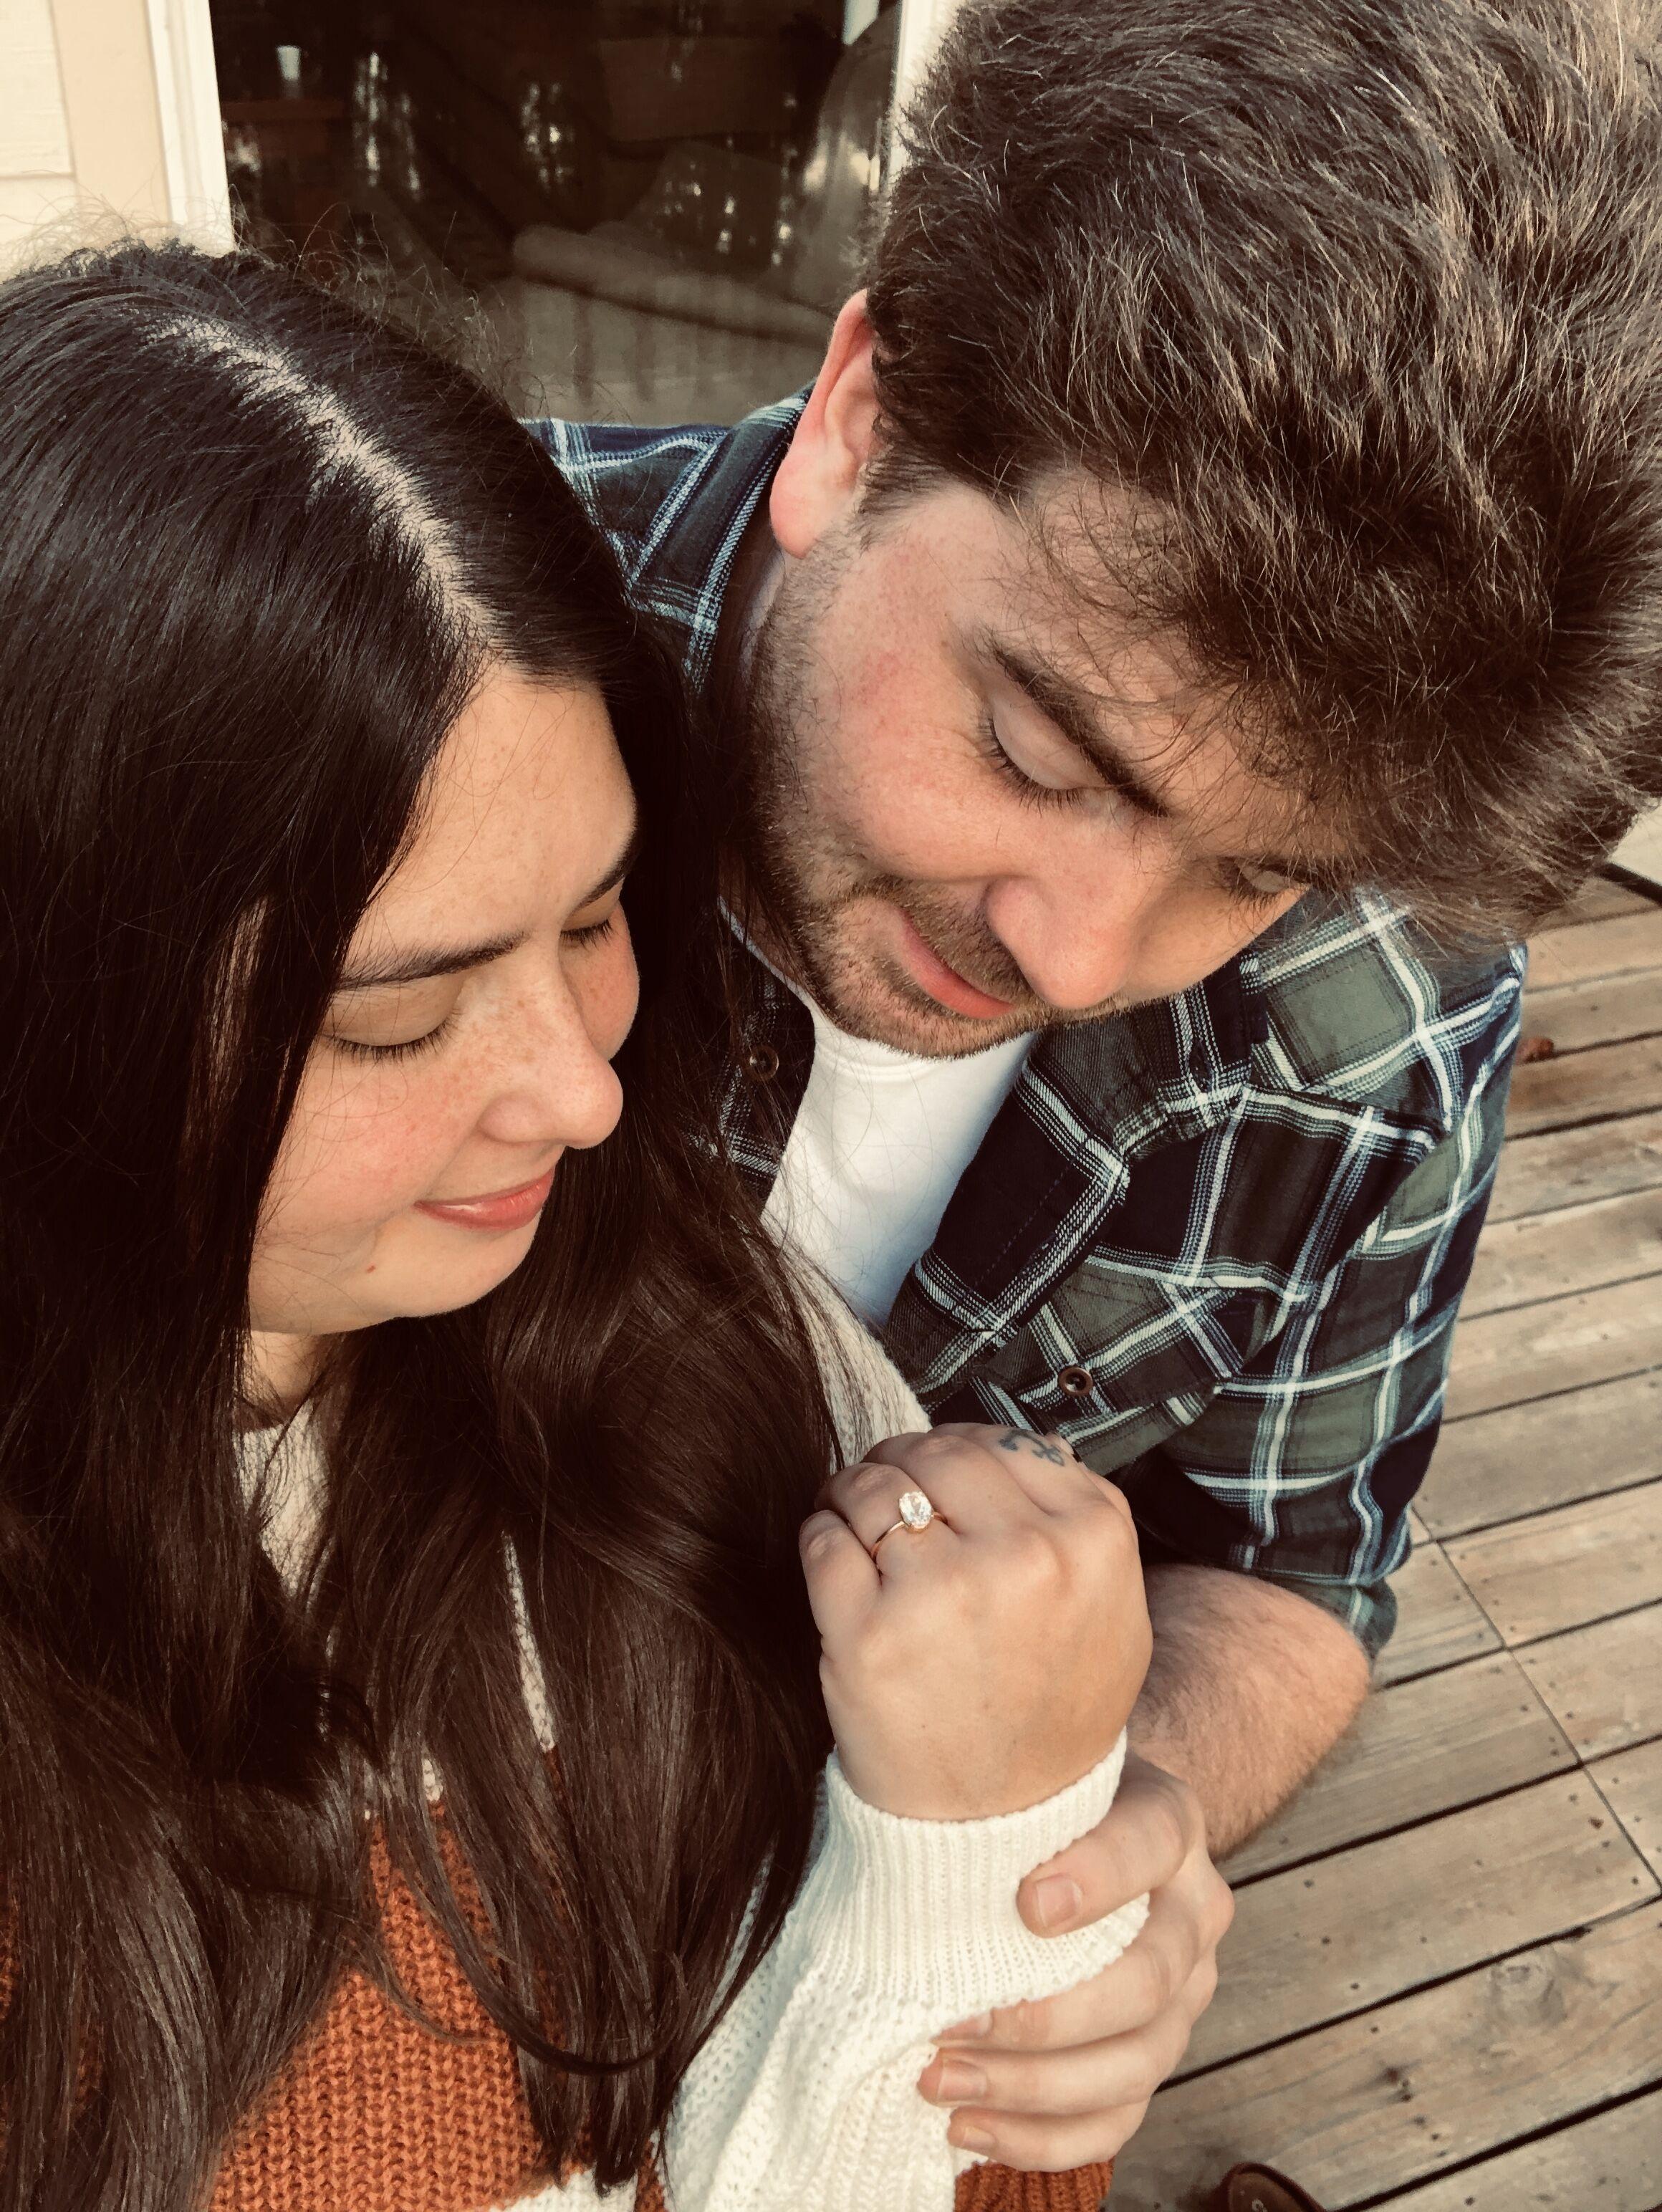 Image 1 of Shanda and Daniel